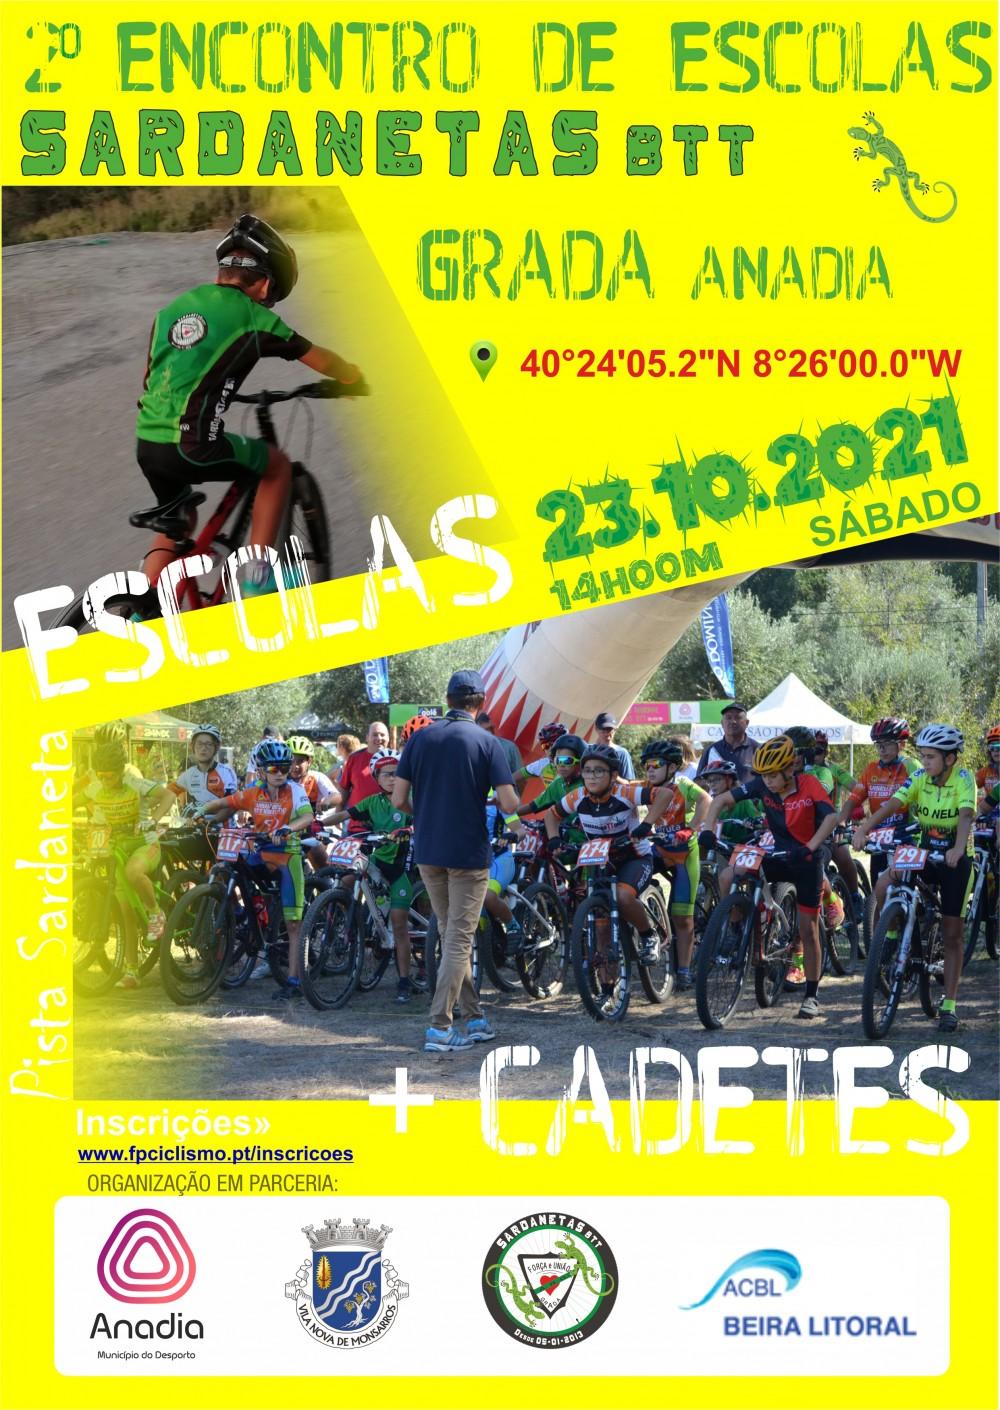 Encontro de Escolas Sardanetas BTT - Grada, Anadia